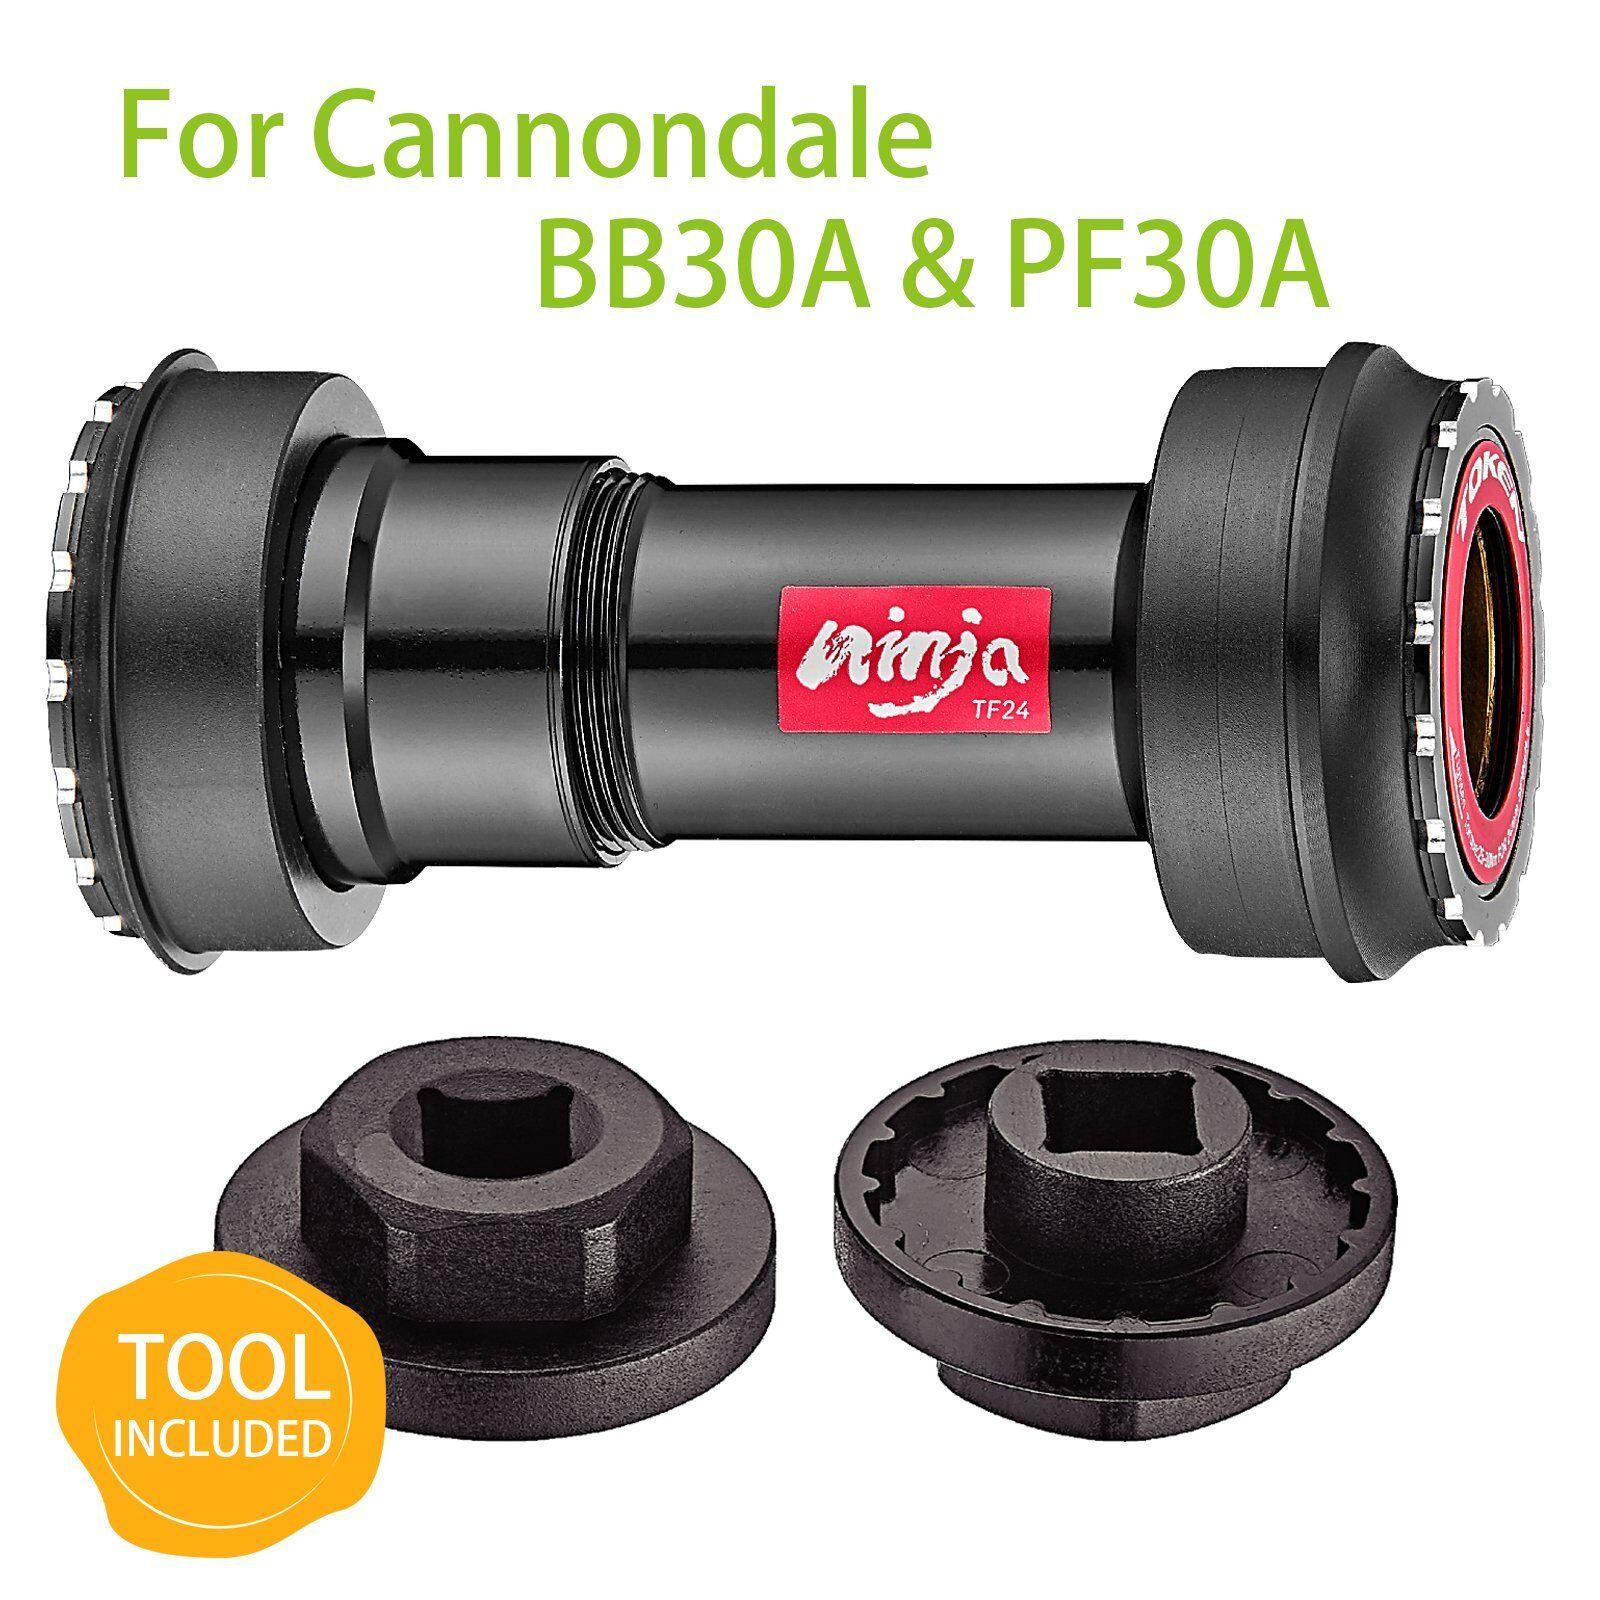 TOKEN ThreadPremere adatta movimento centrale, BB30A & PF30A a Shiuomoo 24mm, in ceramica